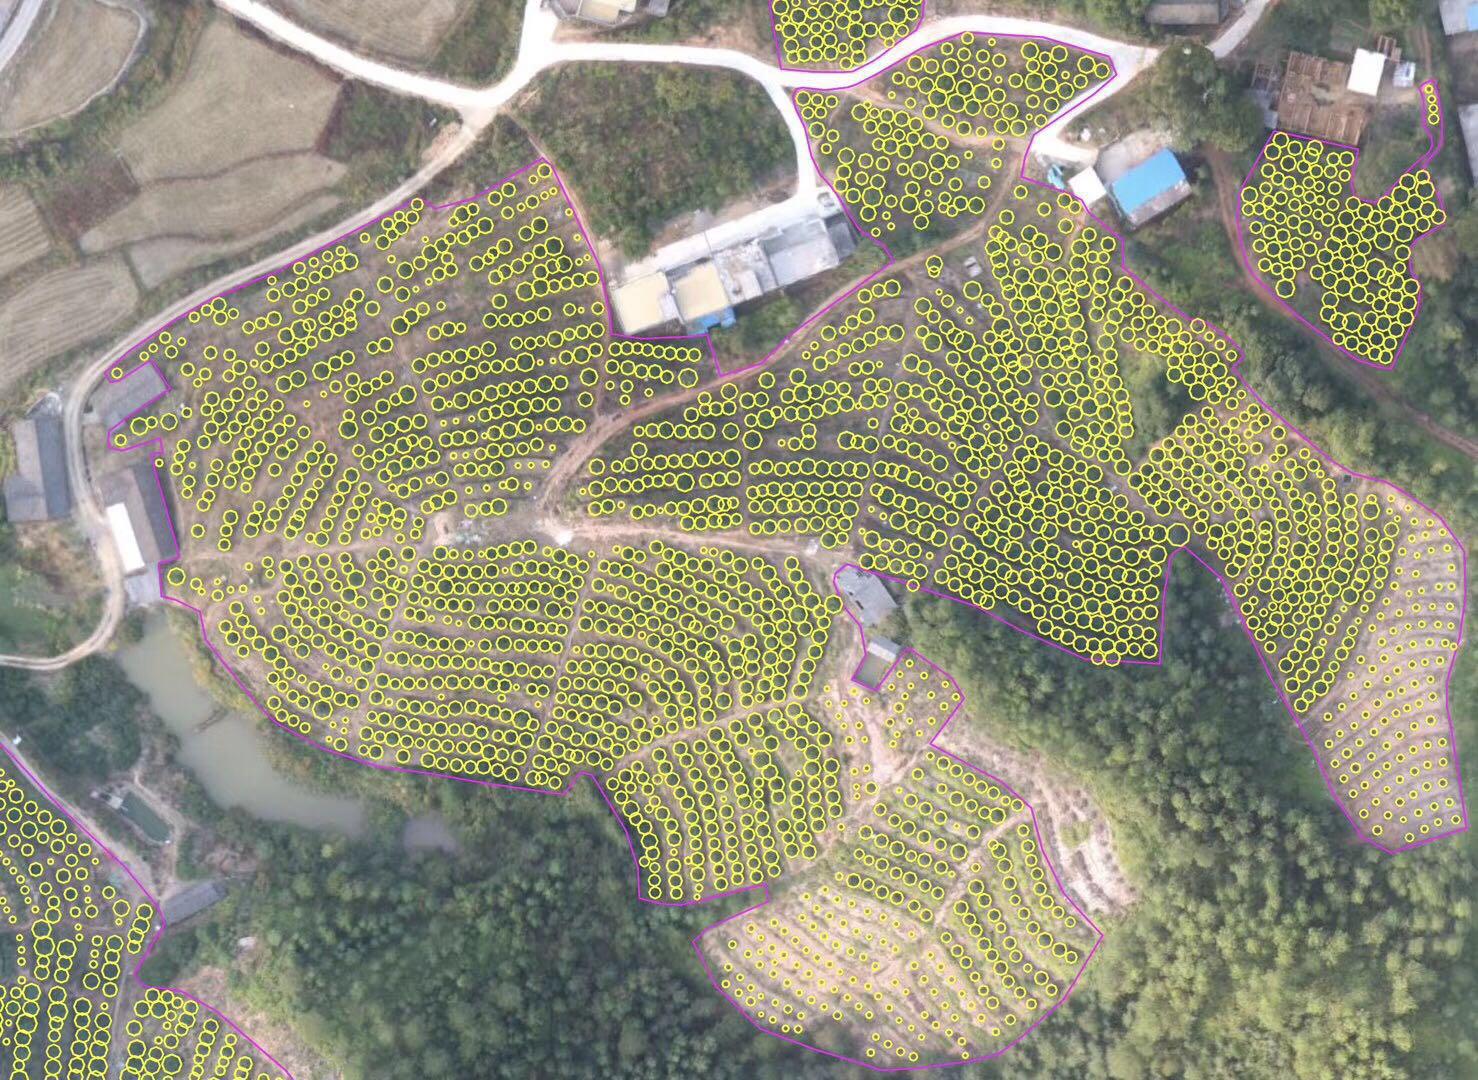 XAI 基于无人机高清图像自动识别果树定位